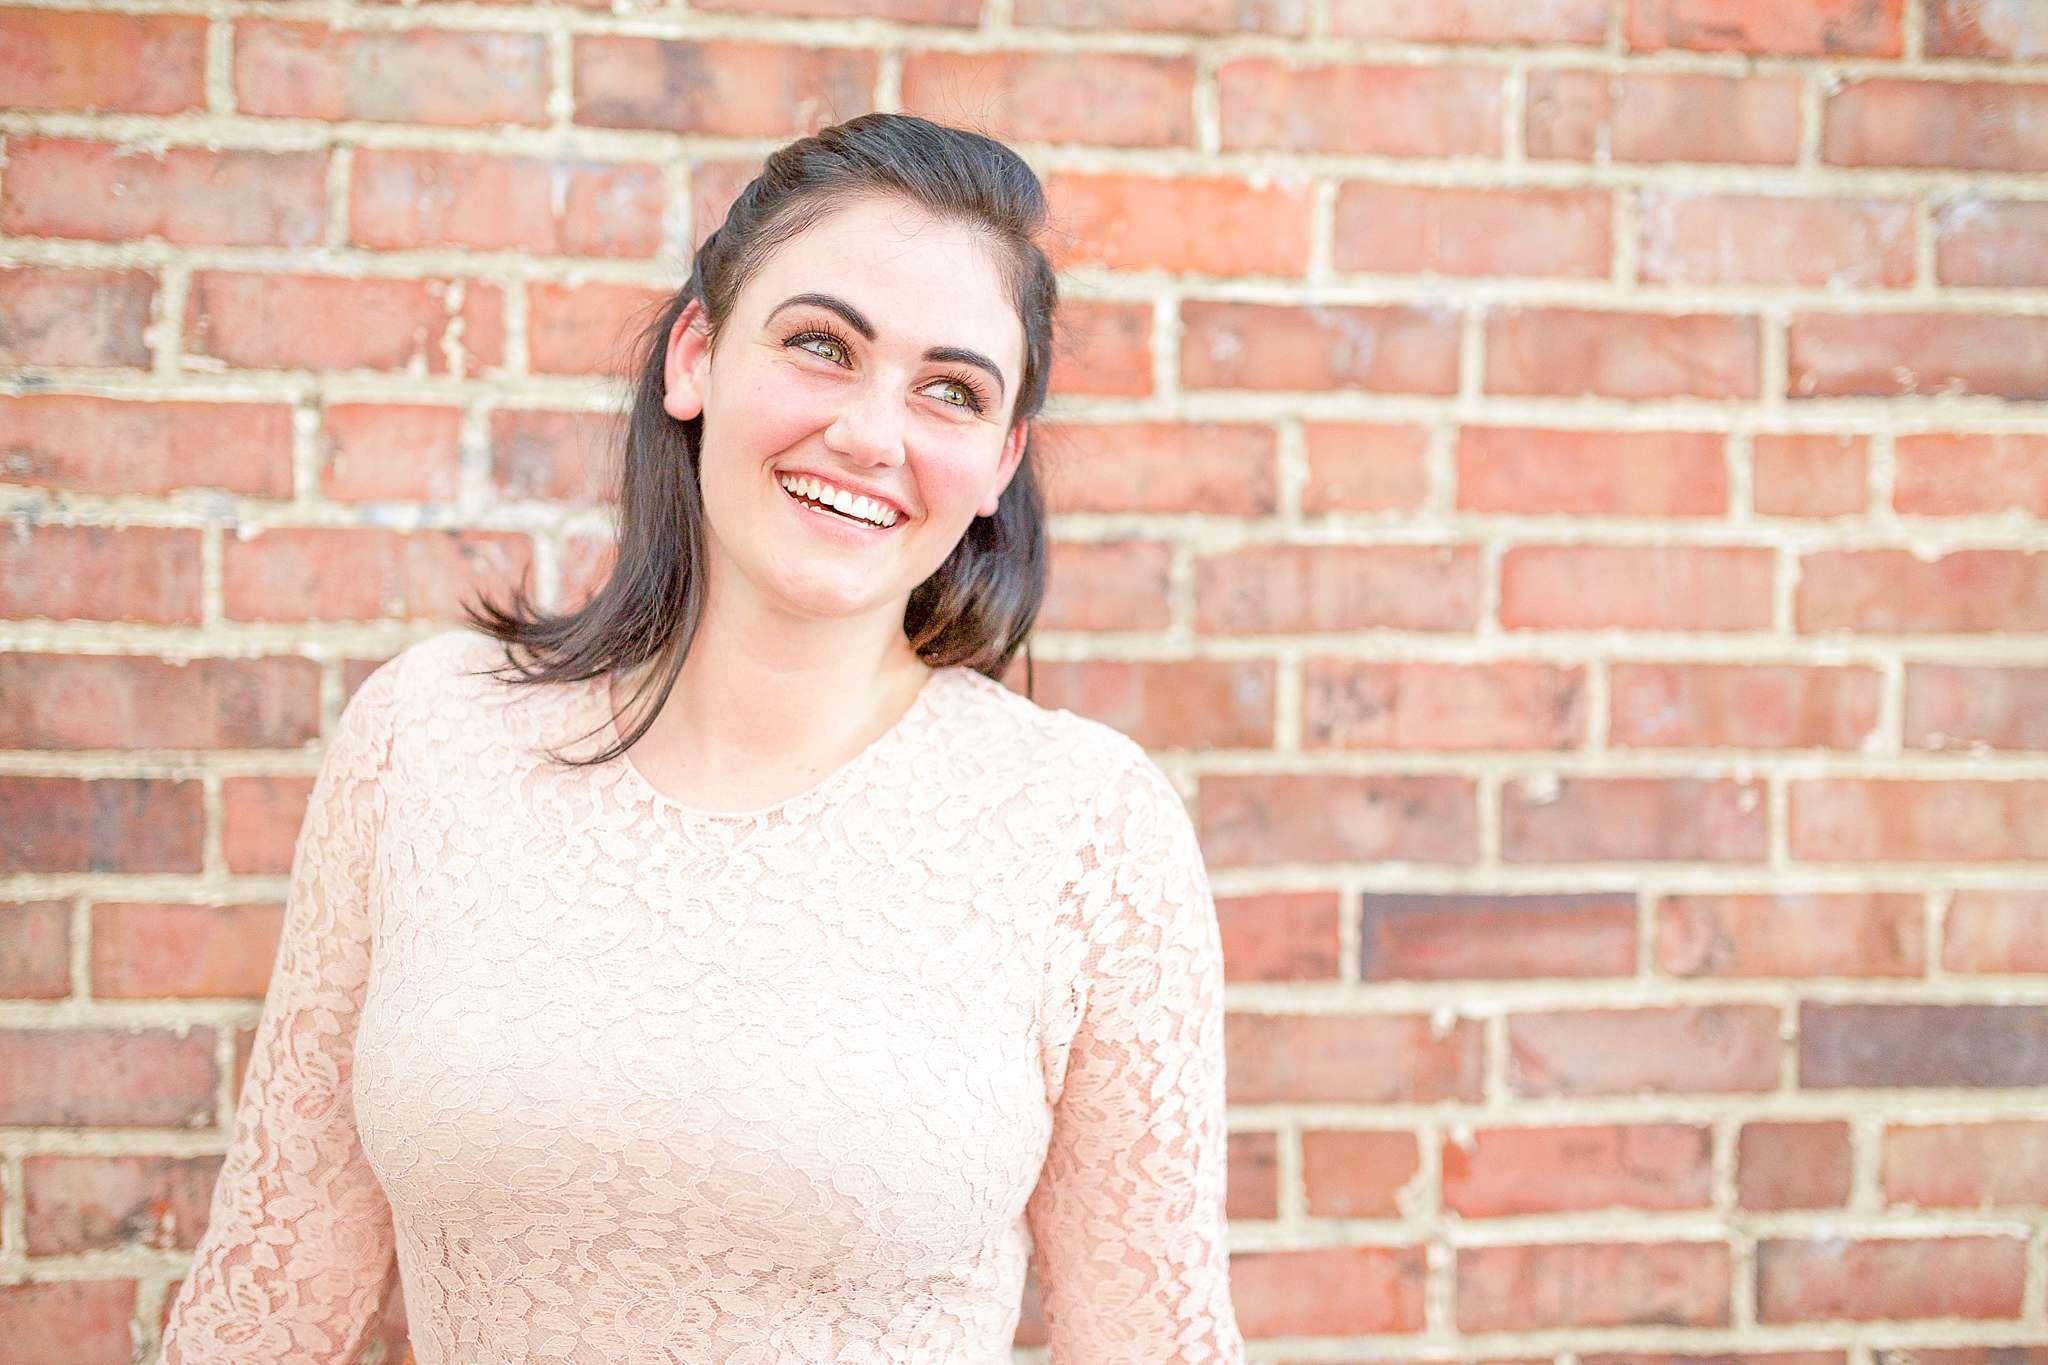 Amber-Nicole-Portrait-Jacksonville-Florida_0069.jpg